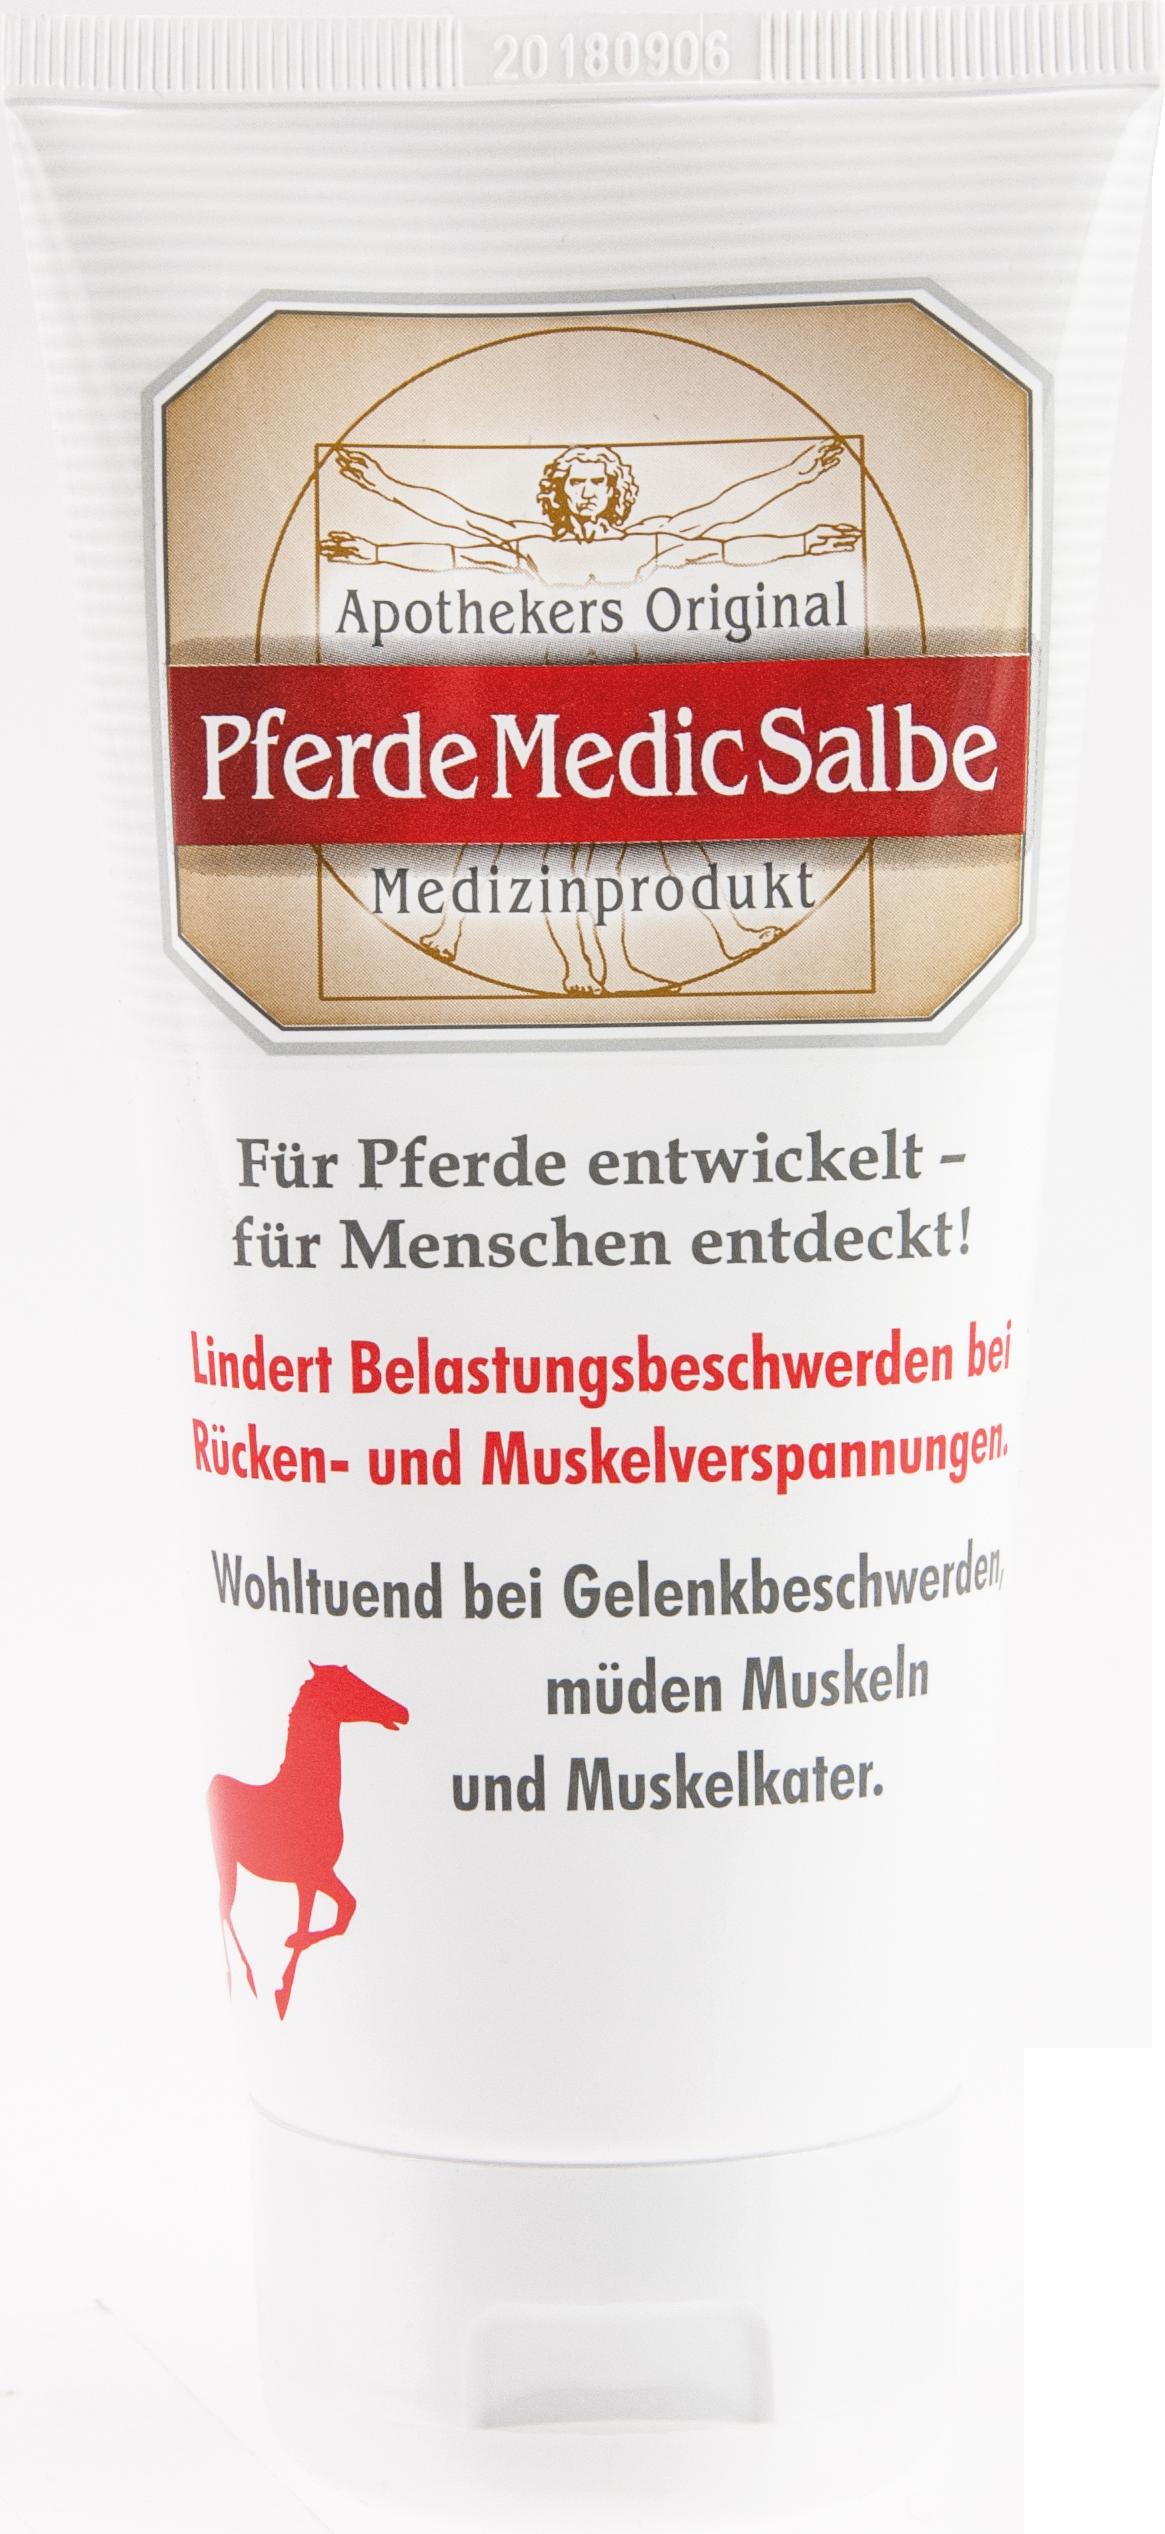 PferdeMedicSalbe Apothekers Orig Pferdesalbe Tube